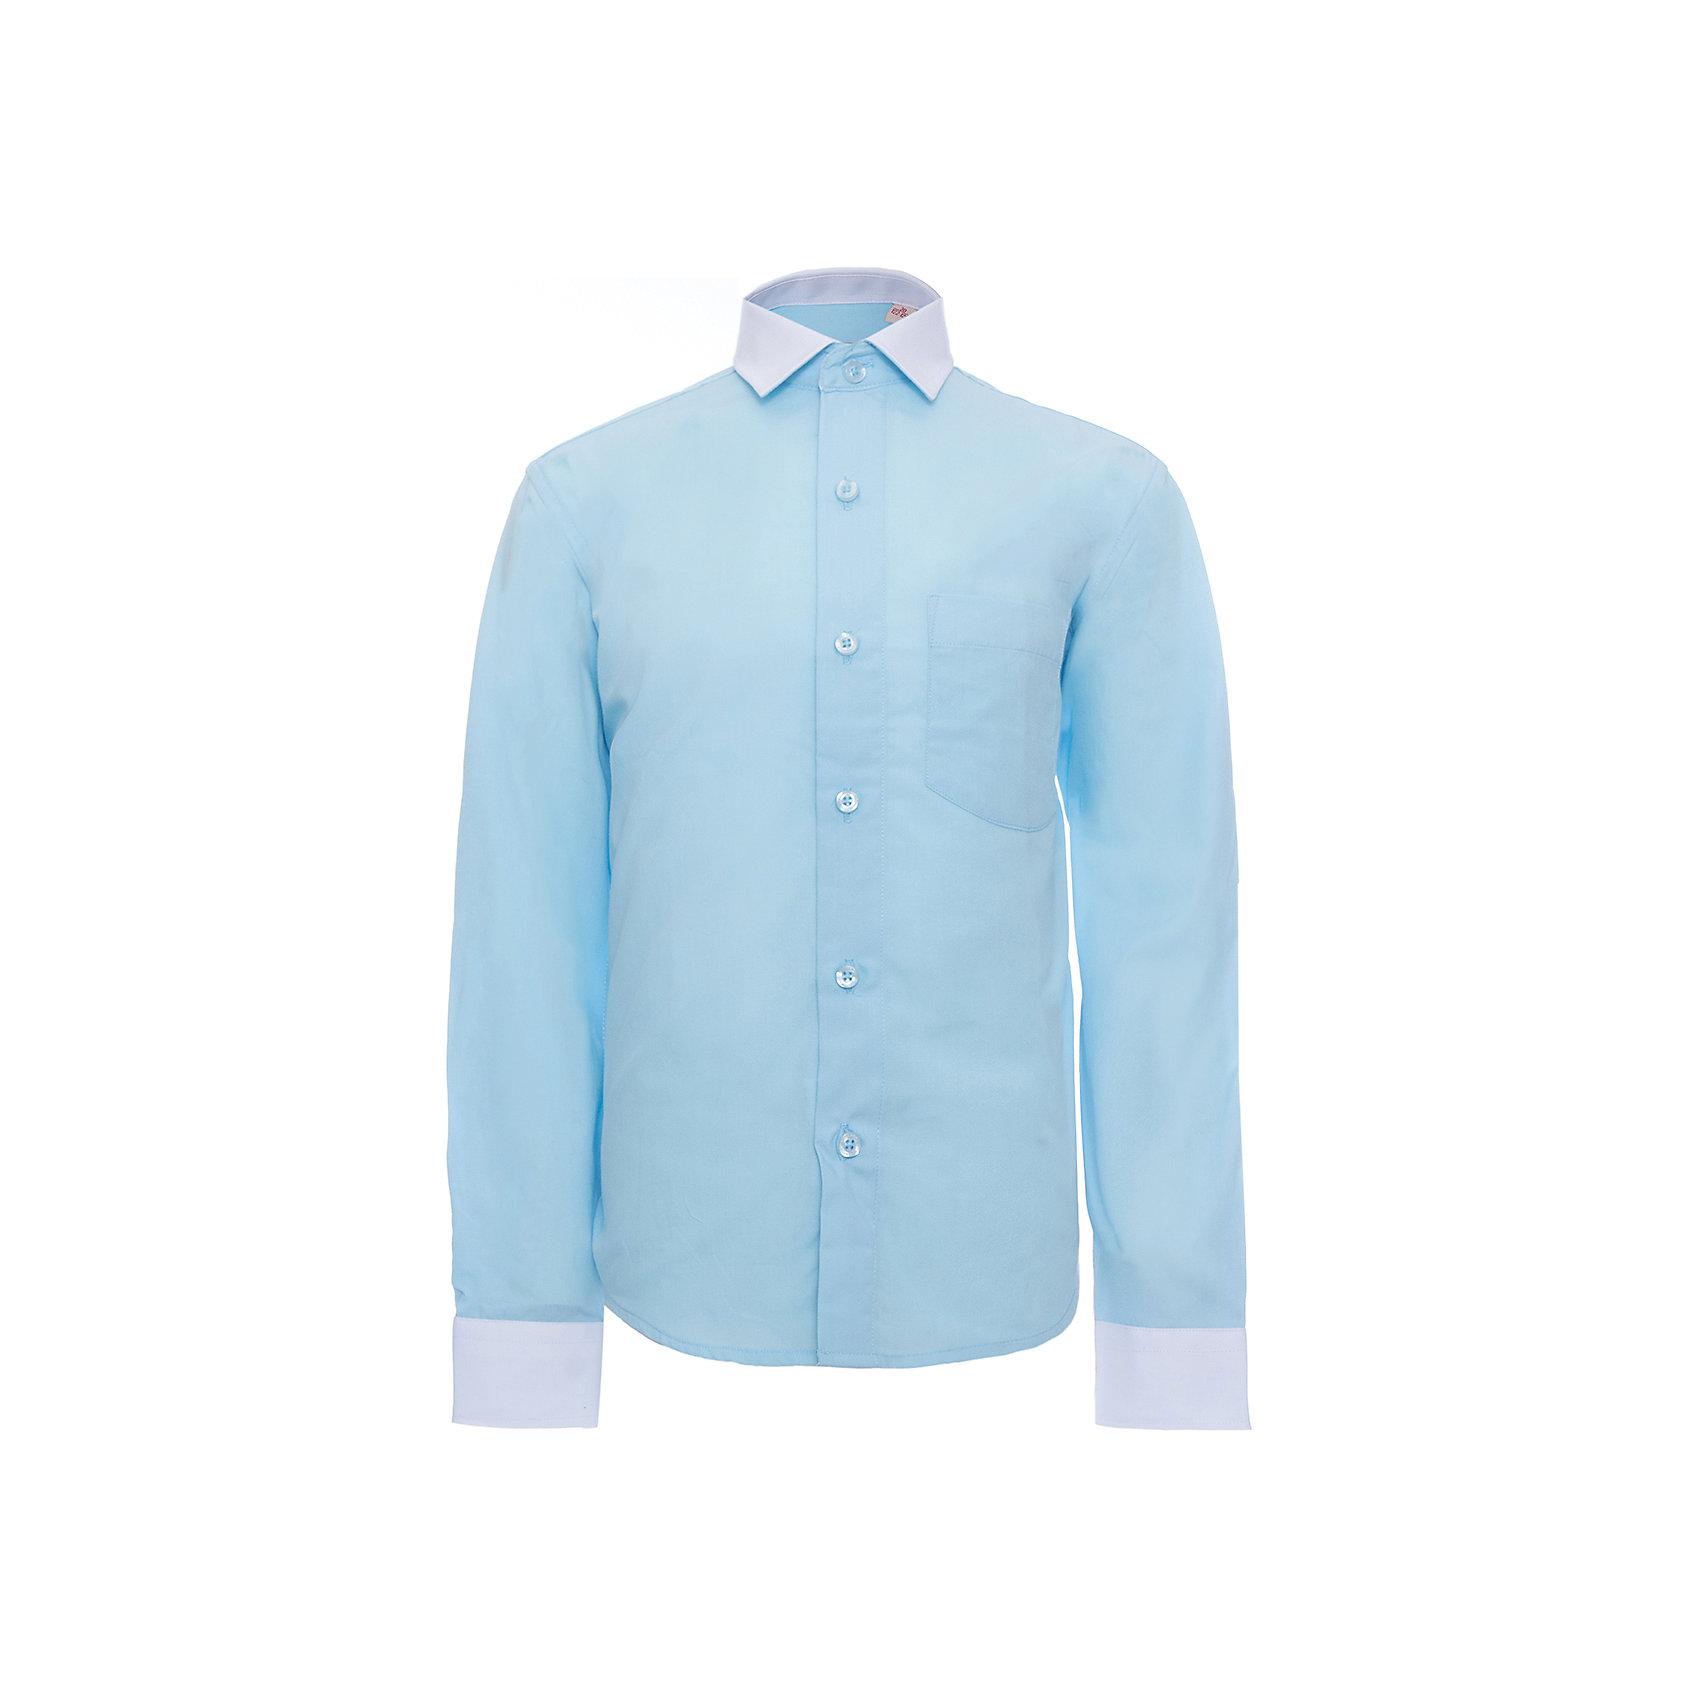 Рубашка для мальчика ImperatorБлузки и рубашки<br>Классическая рубашка - неотьемлемая вещь в гардеробе. Модель на пуговицах, с отложным воротником. Свободный покрой не стеснит движений и позволит чувствовать себя комфортно каждый день.  Состав 55 % хл. 45% П/Э<br><br>Ширина мм: 174<br>Глубина мм: 10<br>Высота мм: 169<br>Вес г: 157<br>Цвет: голубой<br>Возраст от месяцев: 84<br>Возраст до месяцев: 96<br>Пол: Мужской<br>Возраст: Детский<br>Размер: 122/128,158/164,164/170,128/134,134/140,140/146,146/152,152/158,152/158<br>SKU: 4749513